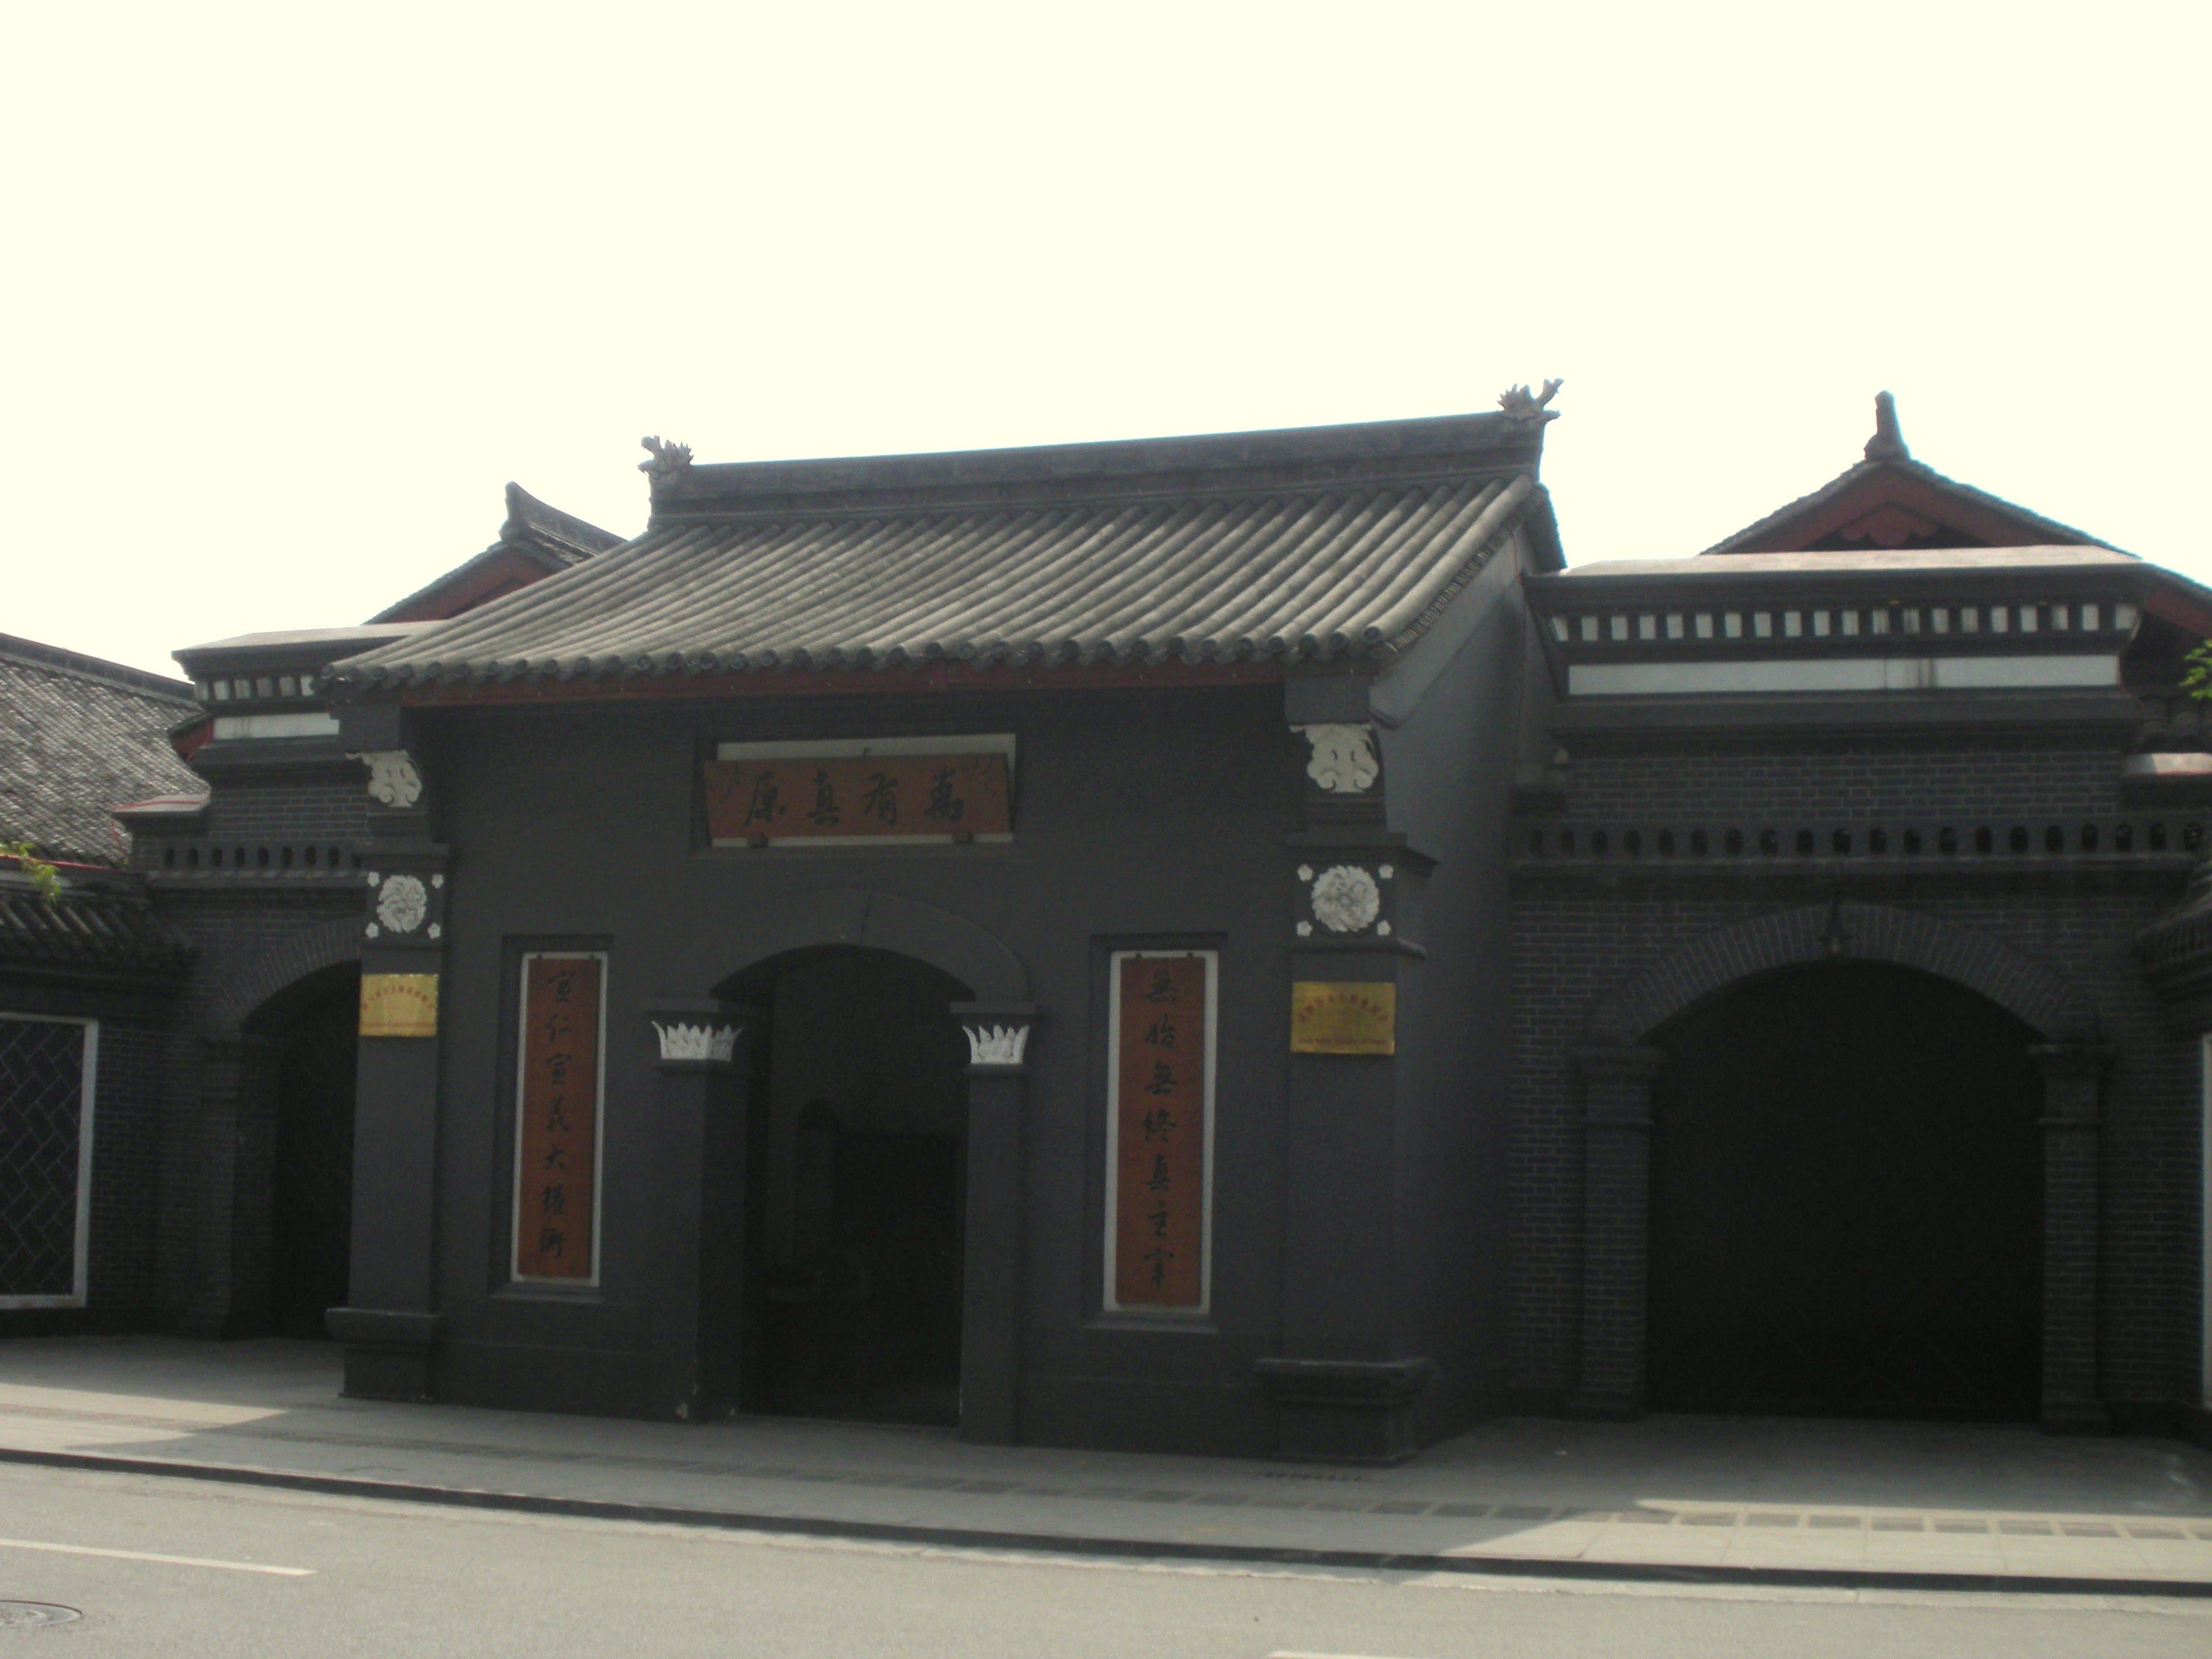 很有中国衙门风格的前大门